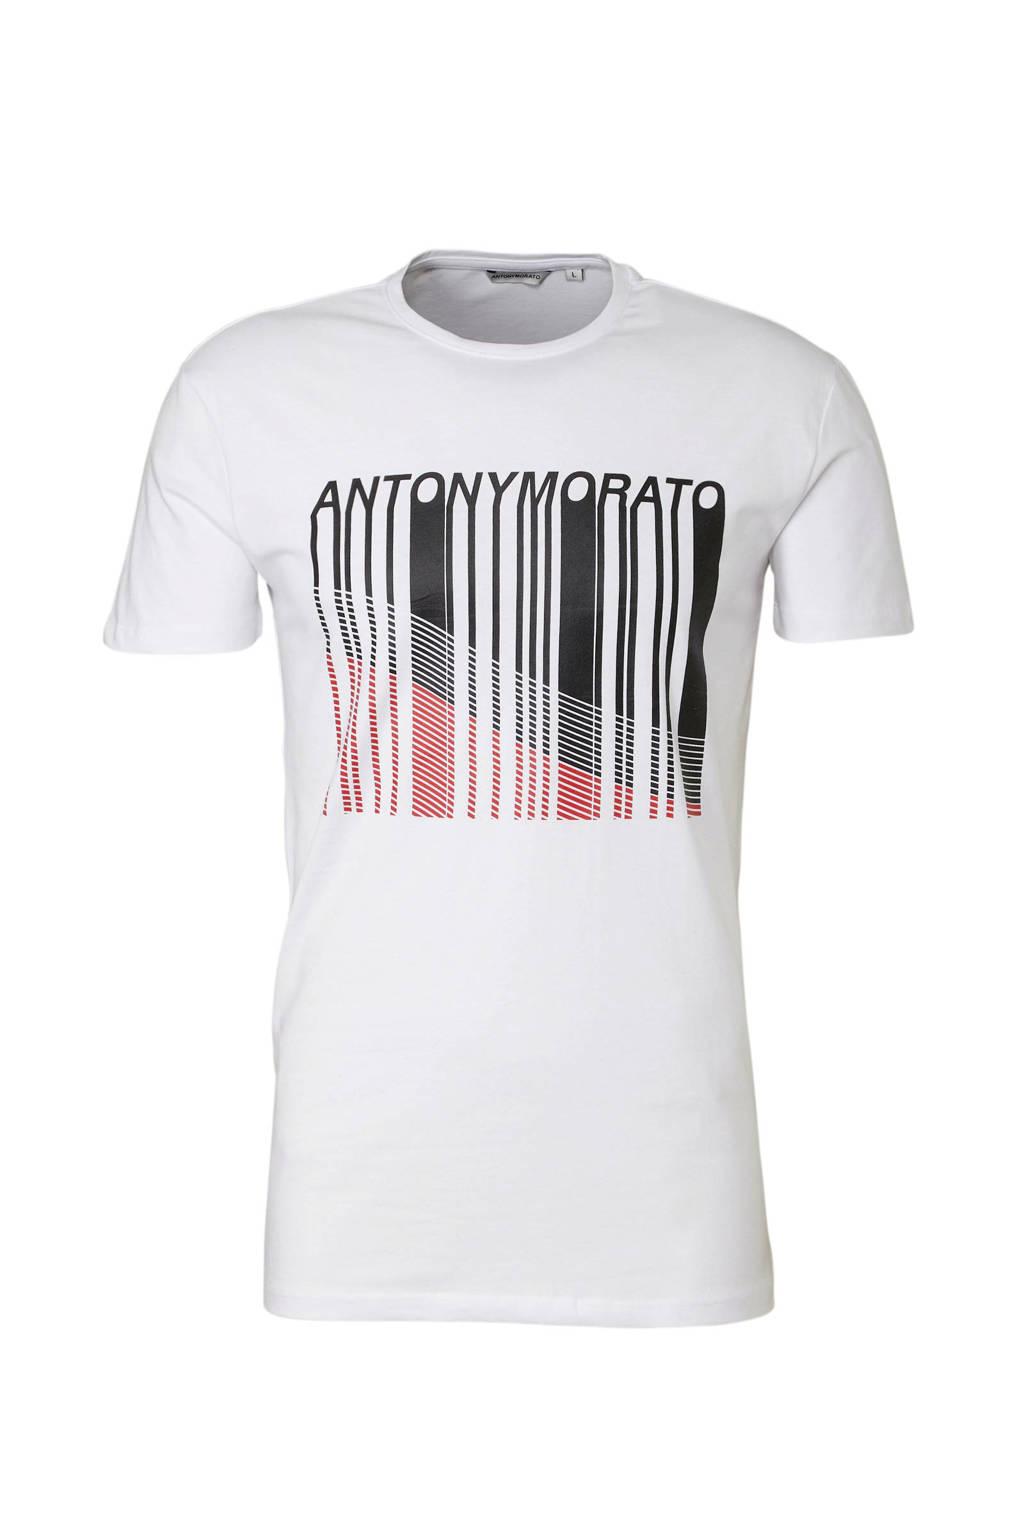 Antony Morato T-shirt met print wit, Wit